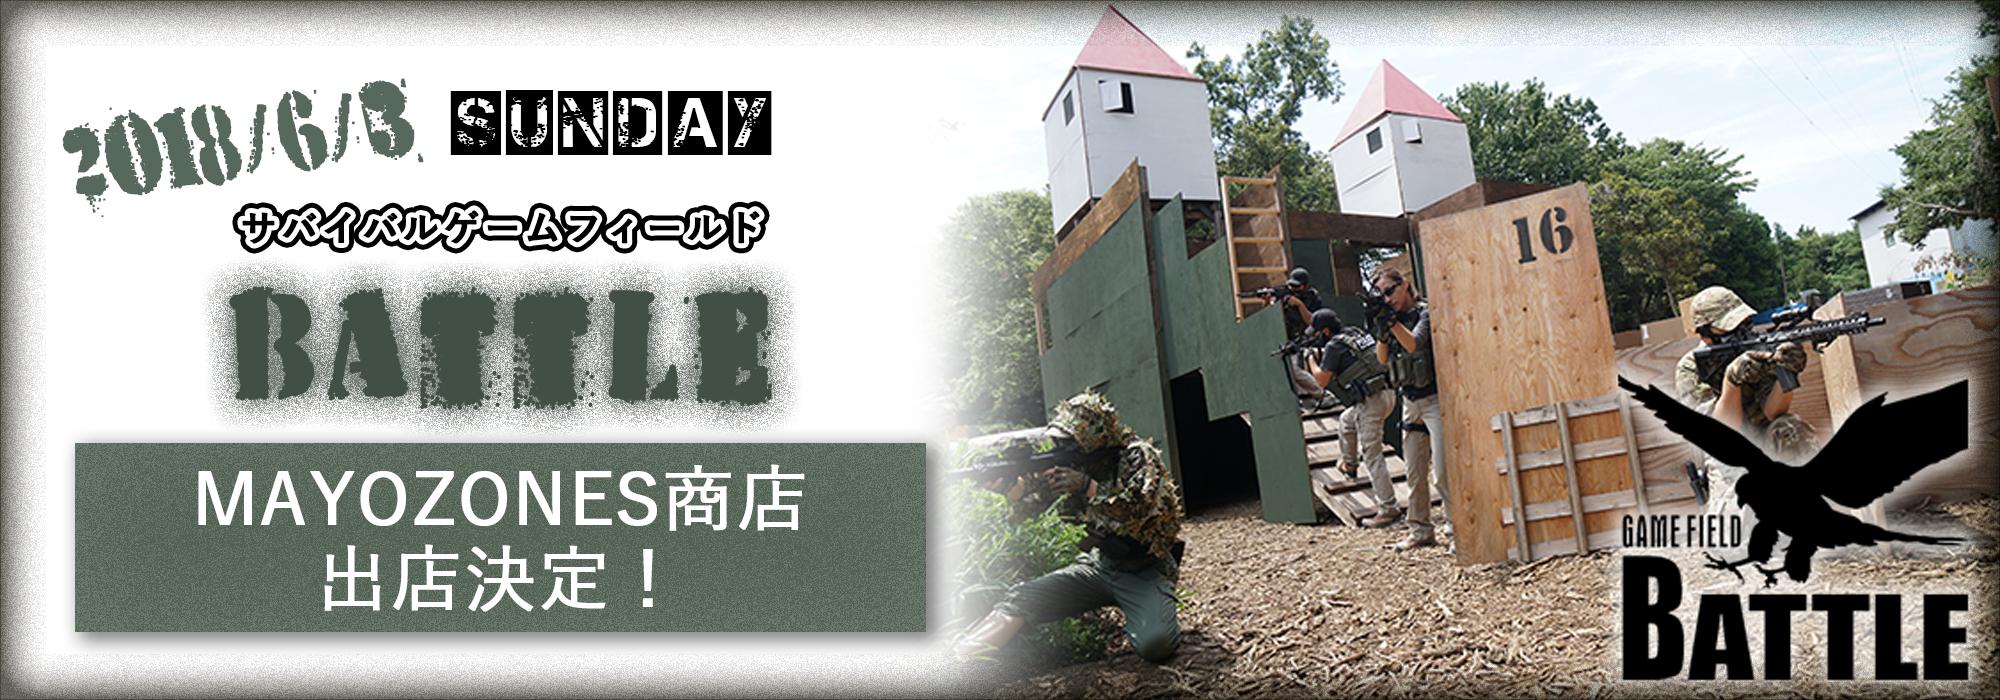 【出店情報】6月3日千葉サバゲーフィルドbattleにてマヨゾネス商店出展決定!